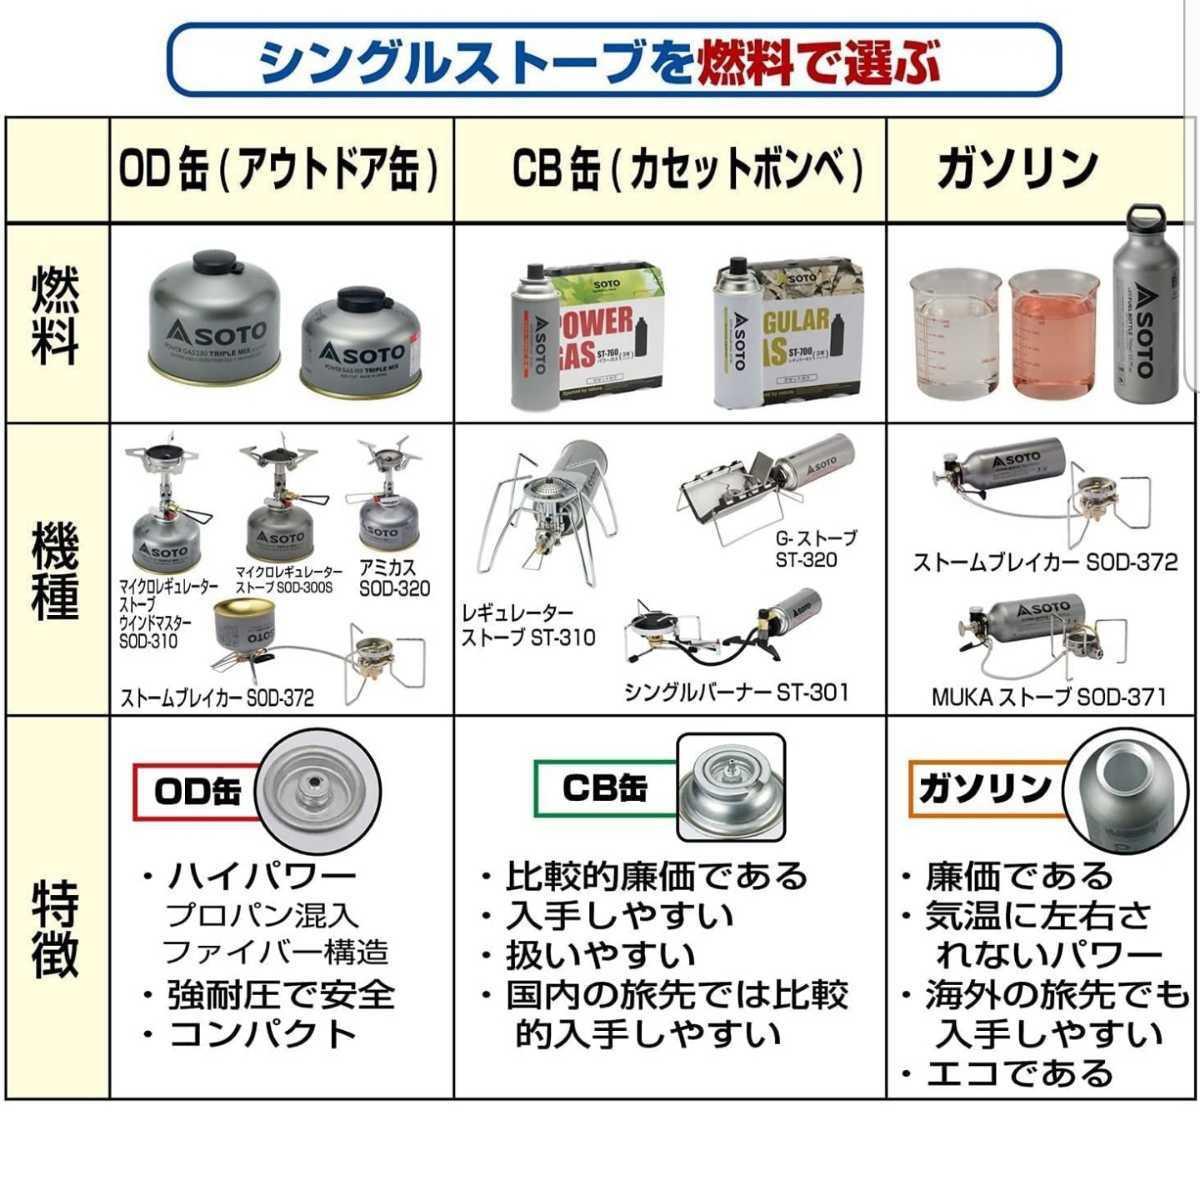 送料無料 新富士バーナー SOTO レギュレーターストーブST-310MT モノトーンモデル 新品未開封